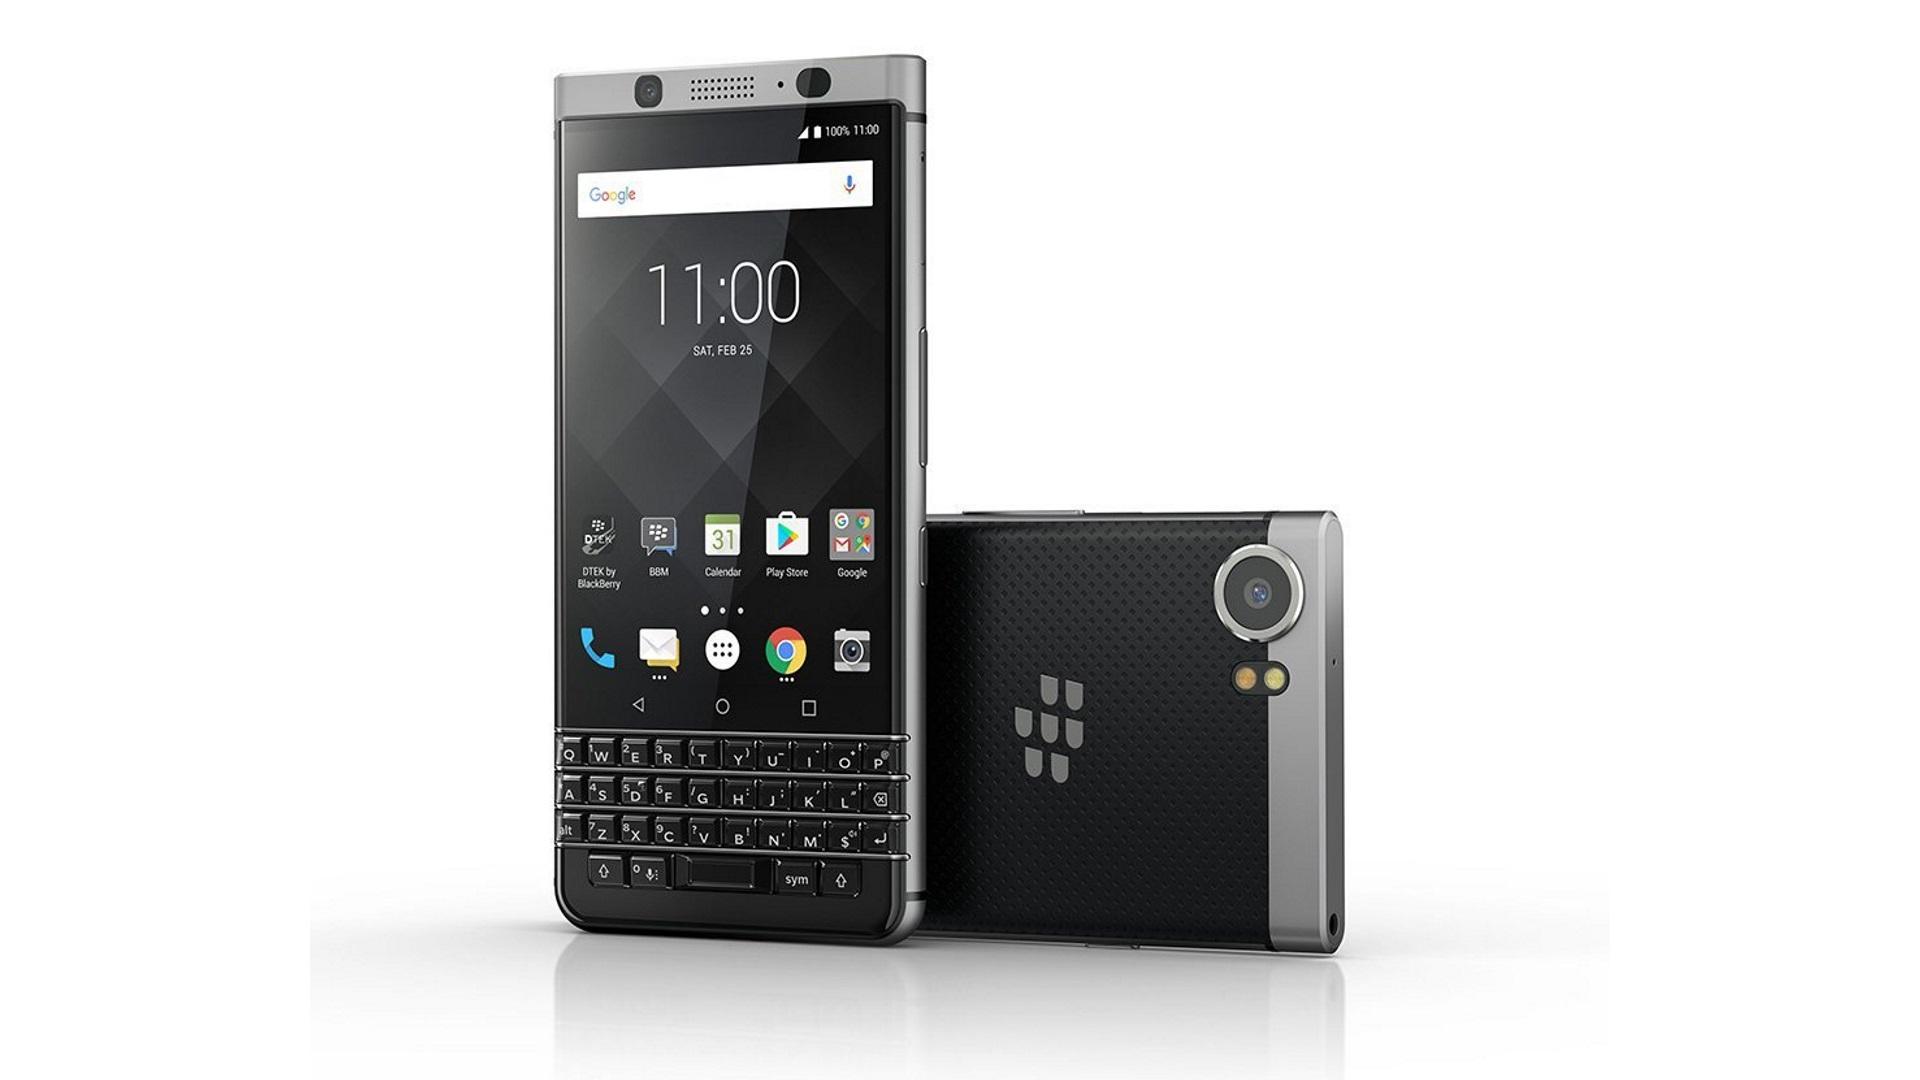 「BlackBerry KEYone(BBB100-1)」は供給が進んでいる模様、BBB100-3は依然まだ